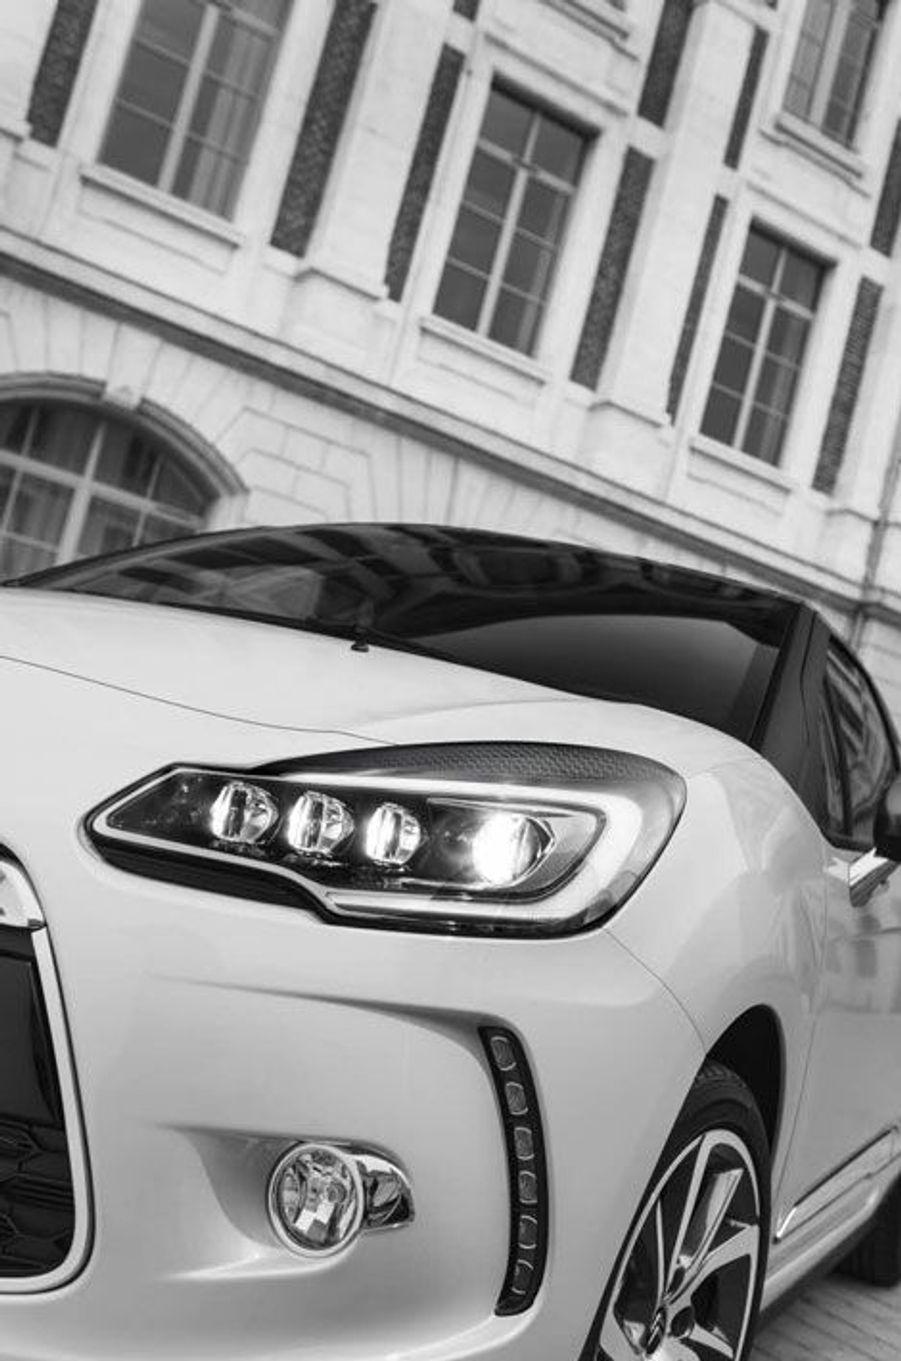 Découvrez la Citroën DS3 restylée